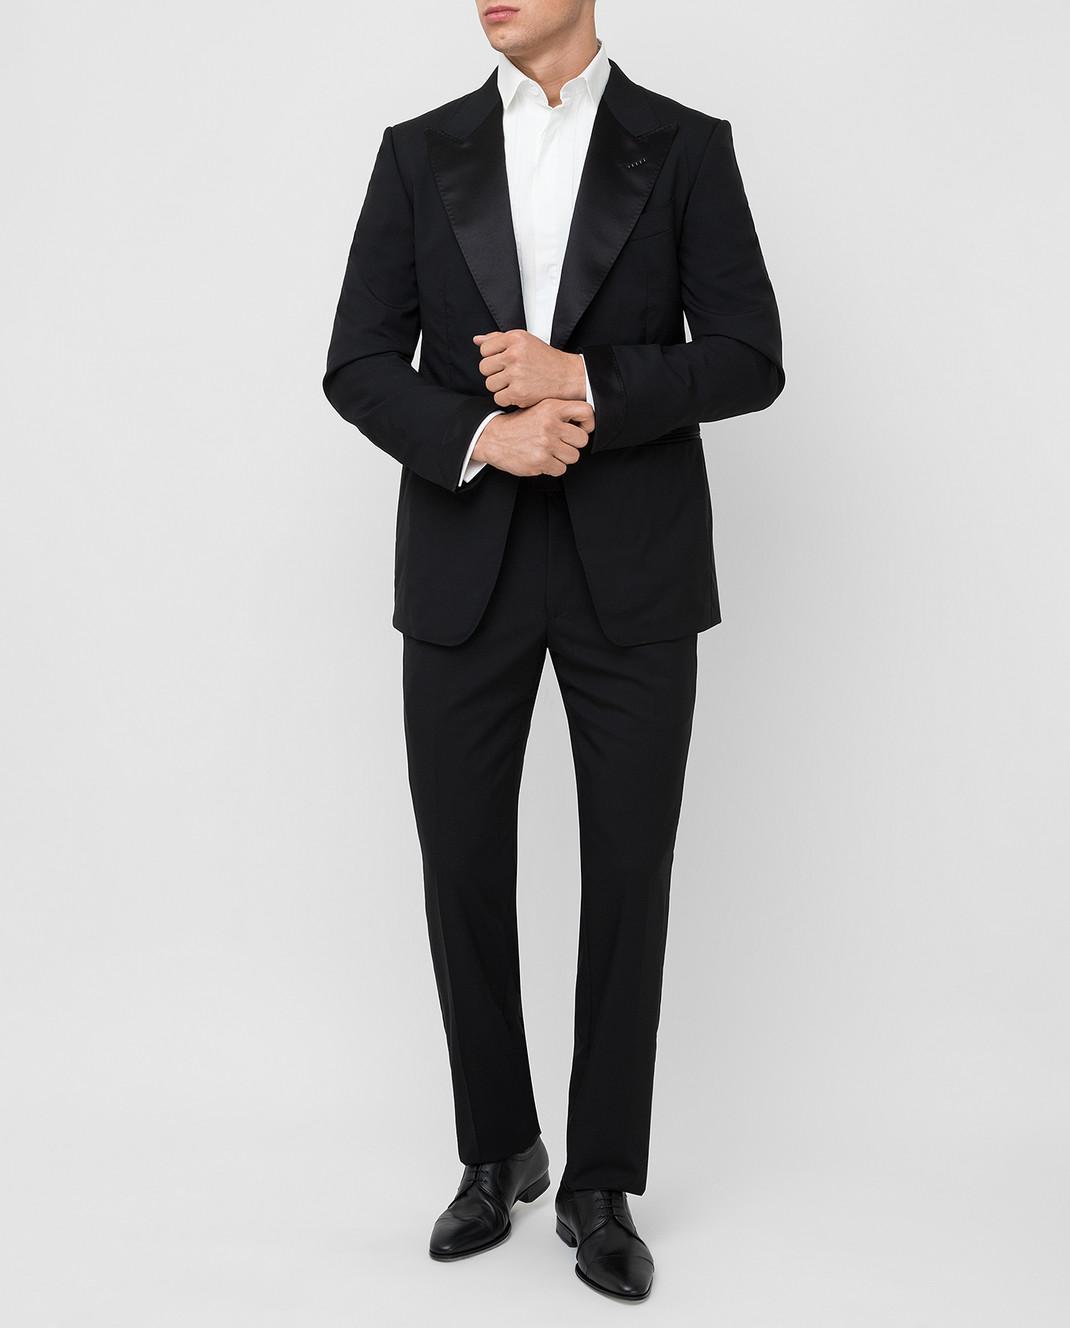 Tom Ford Черный костюм из шерсти изображение 2